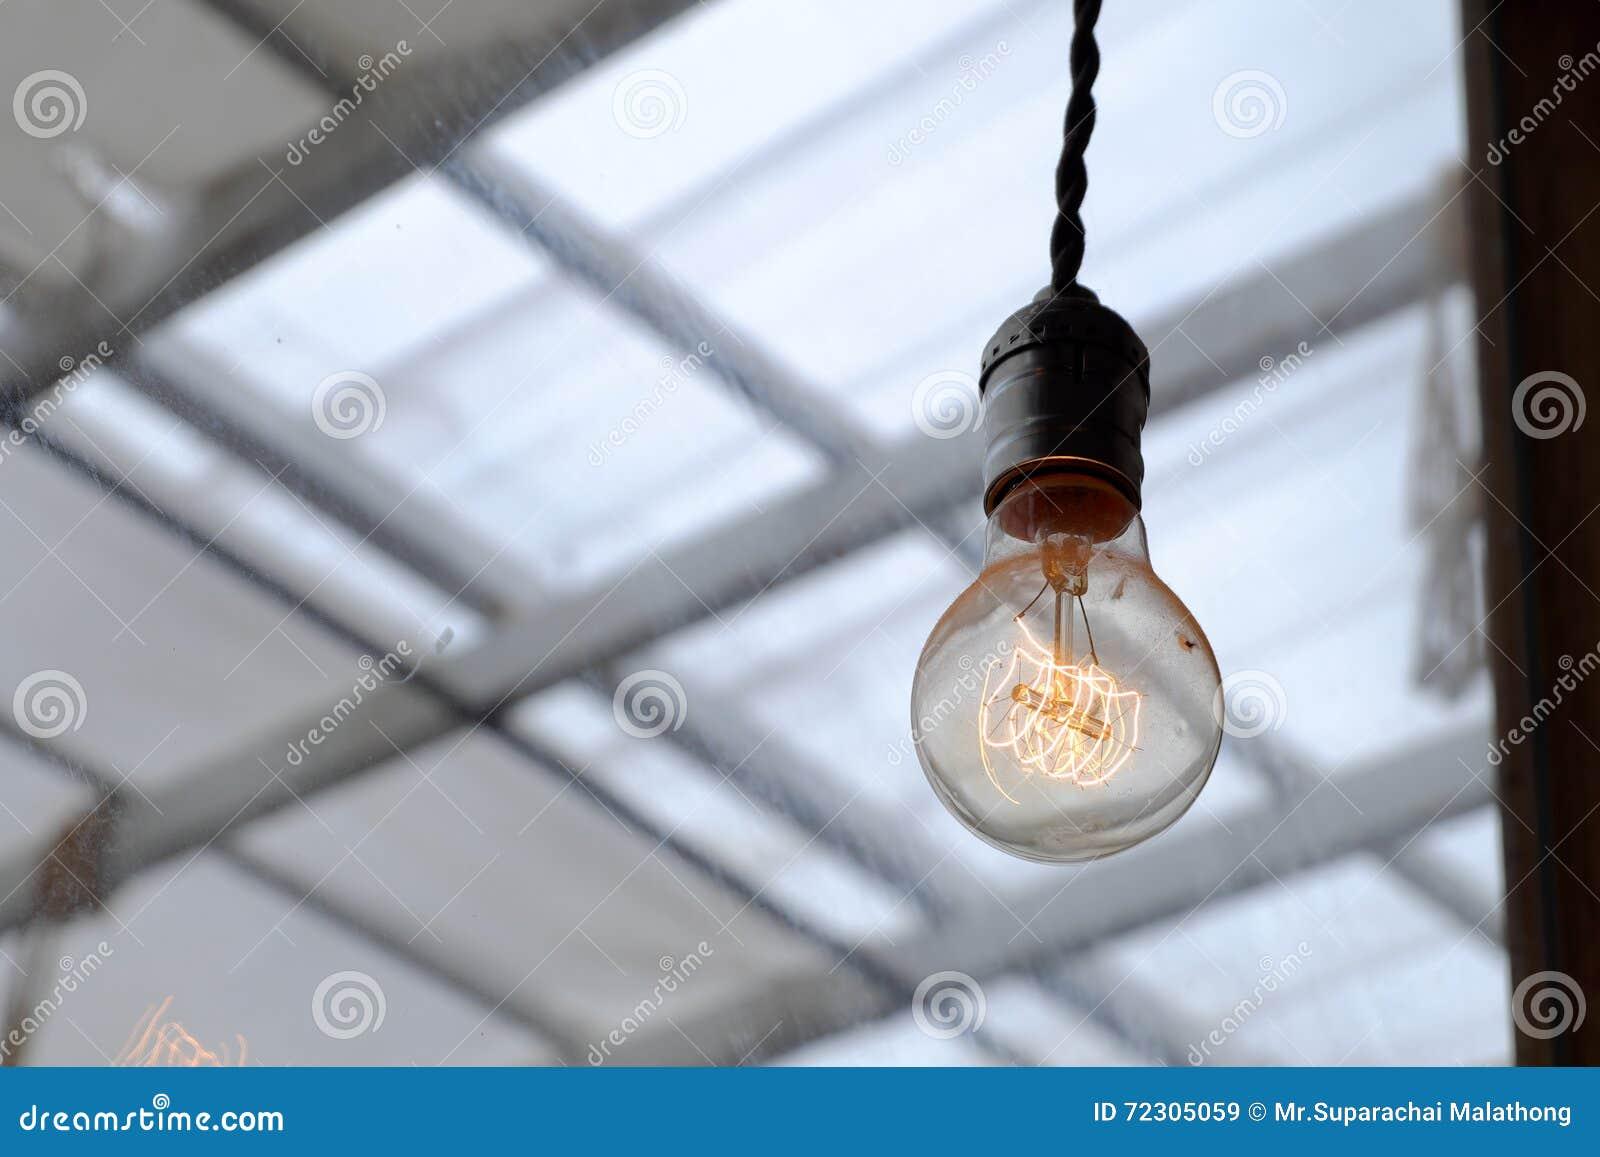 De verlichting van de huisdecoratie